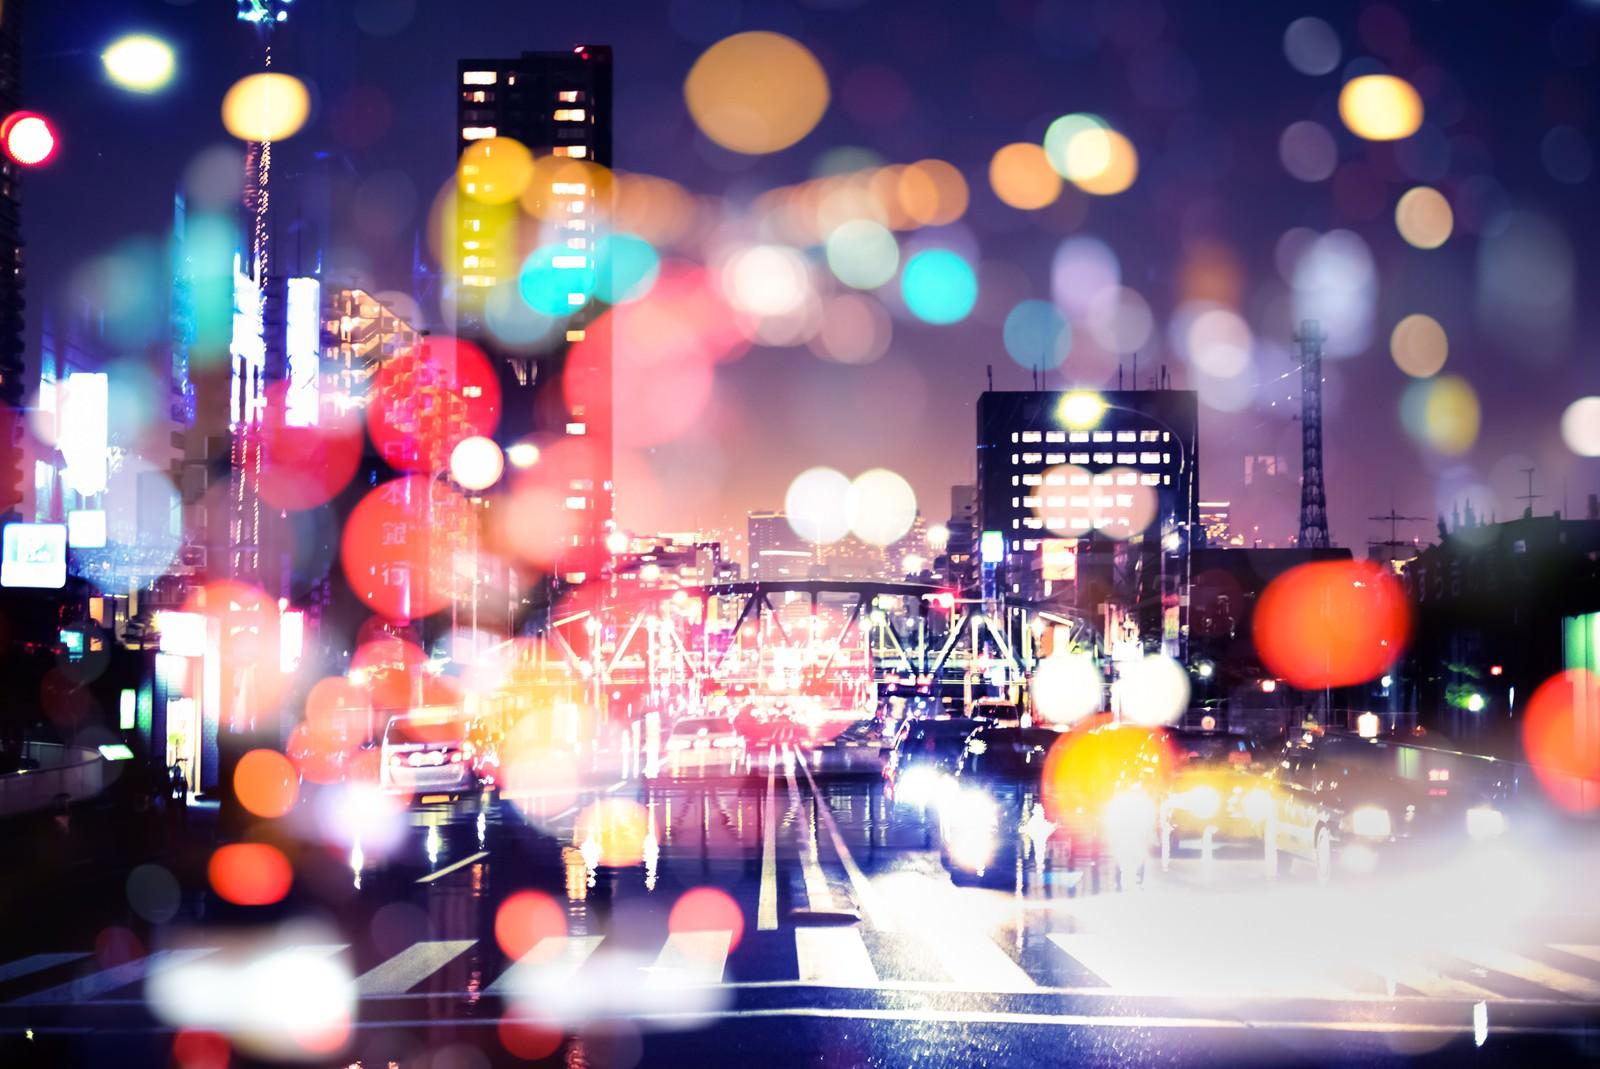 「眠らない街(フォトモンタージュ)」の写真